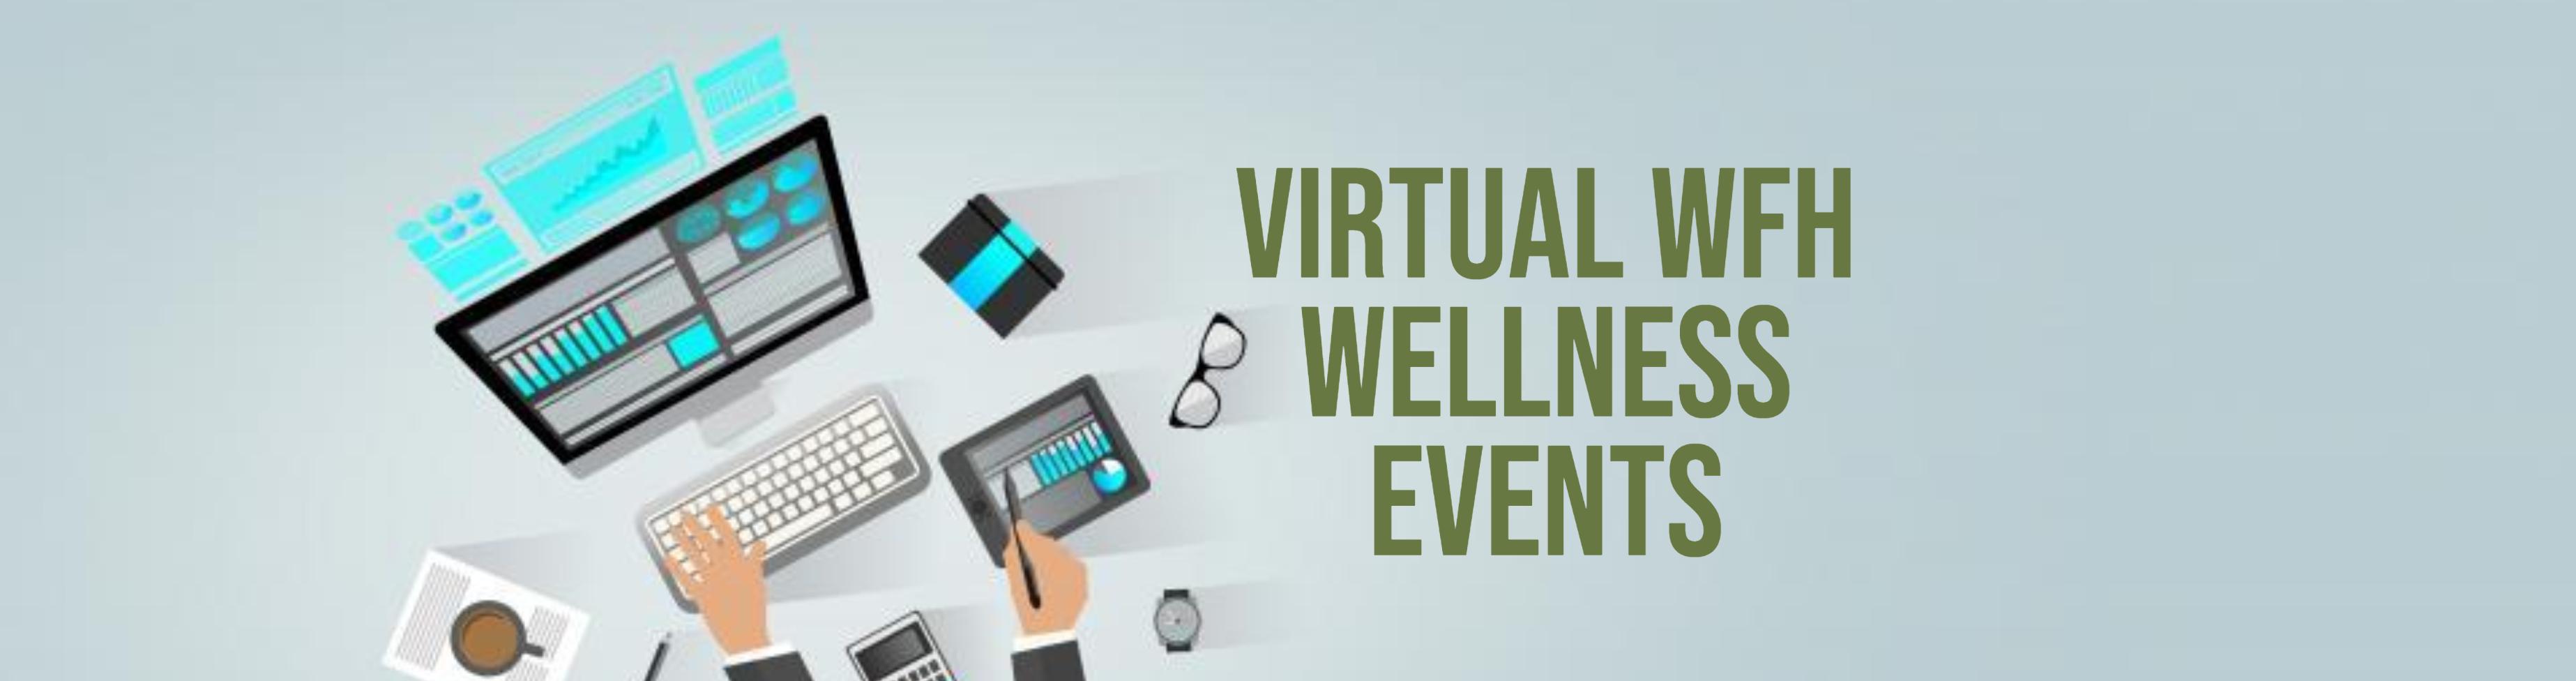 WFH Wellness Events